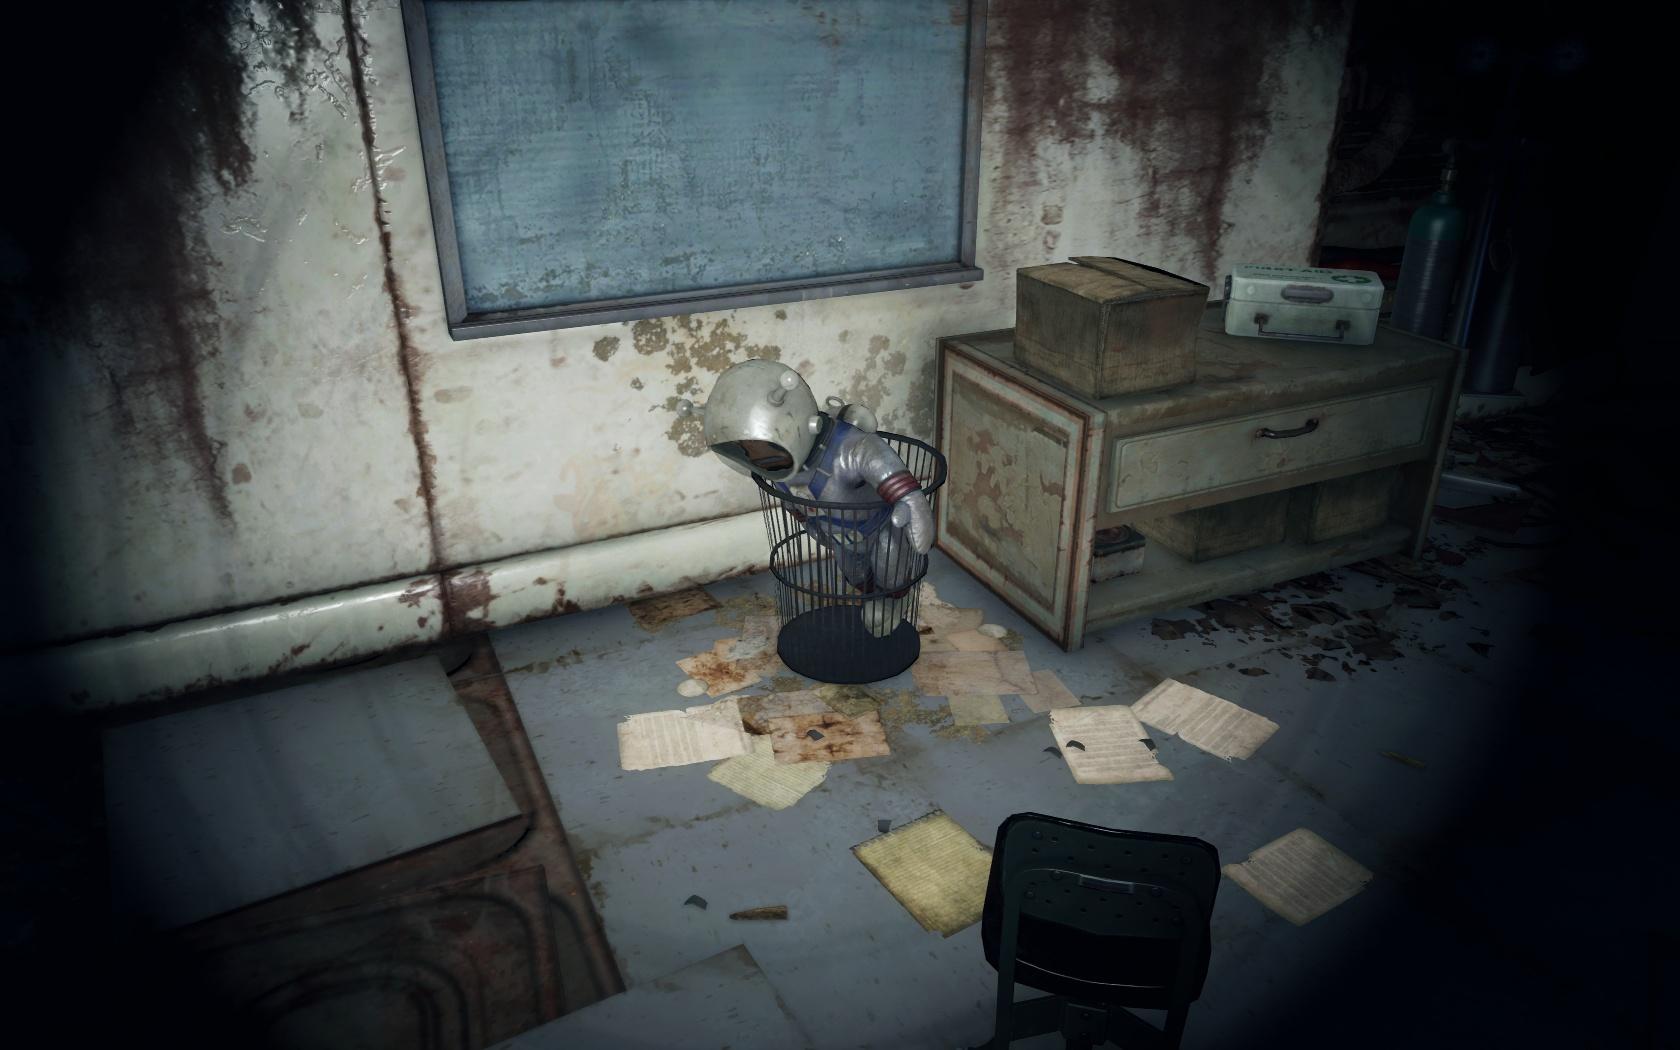 Выкинули бедную мартышку (Медфордская больница) - Fallout 4 больница, Лунная, мартышка, Медфордская больница